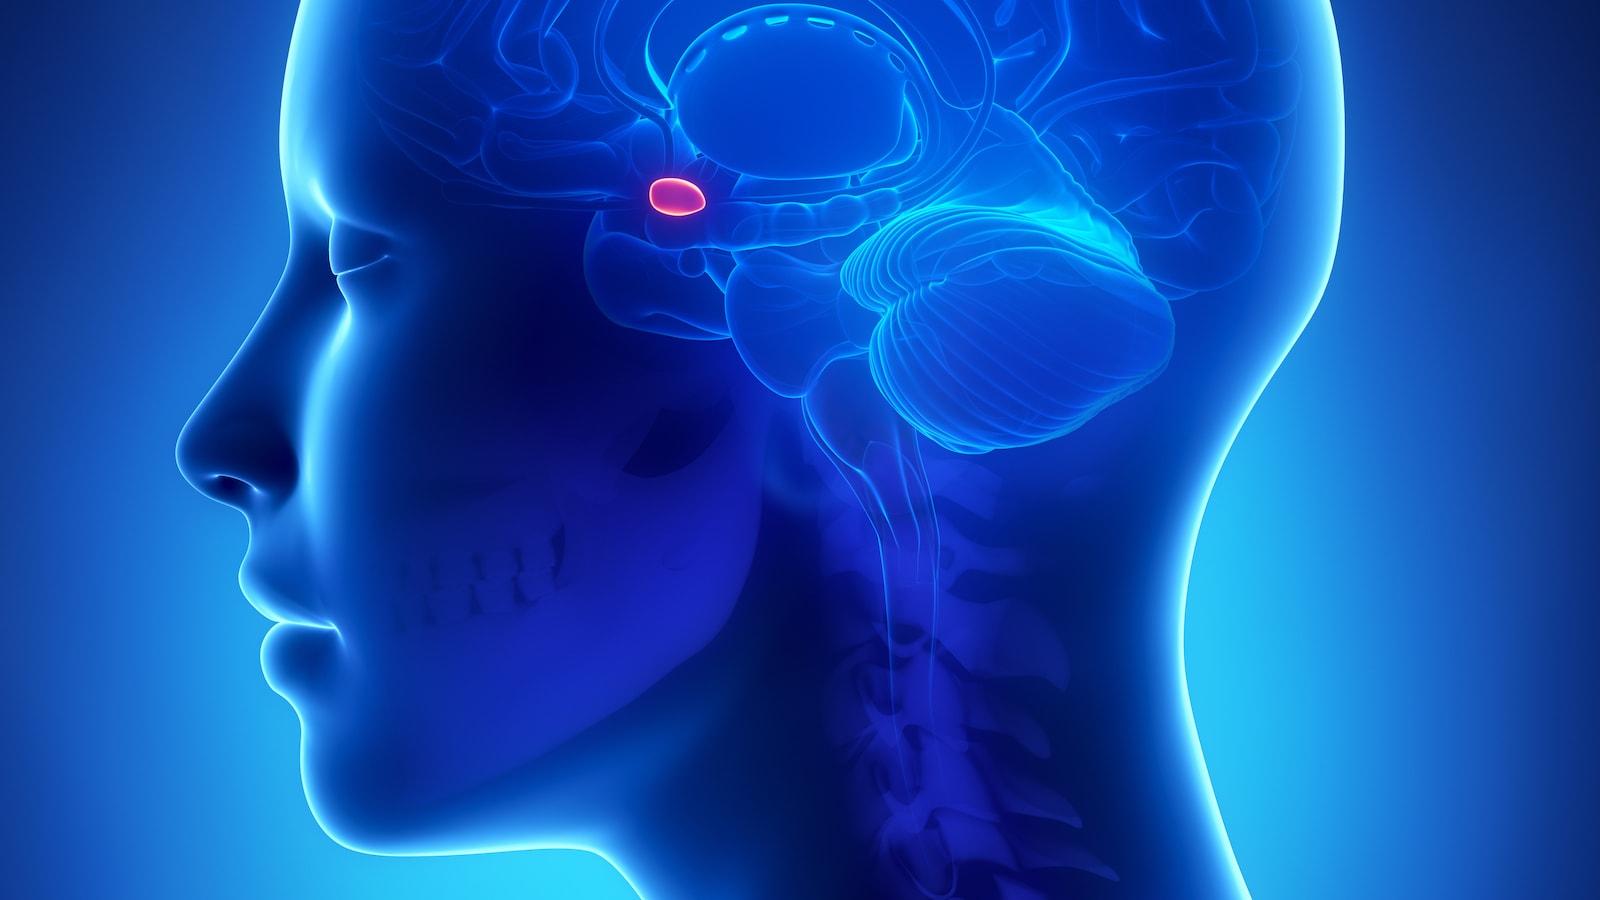 L'amygdale se situe au centre du cerveau.